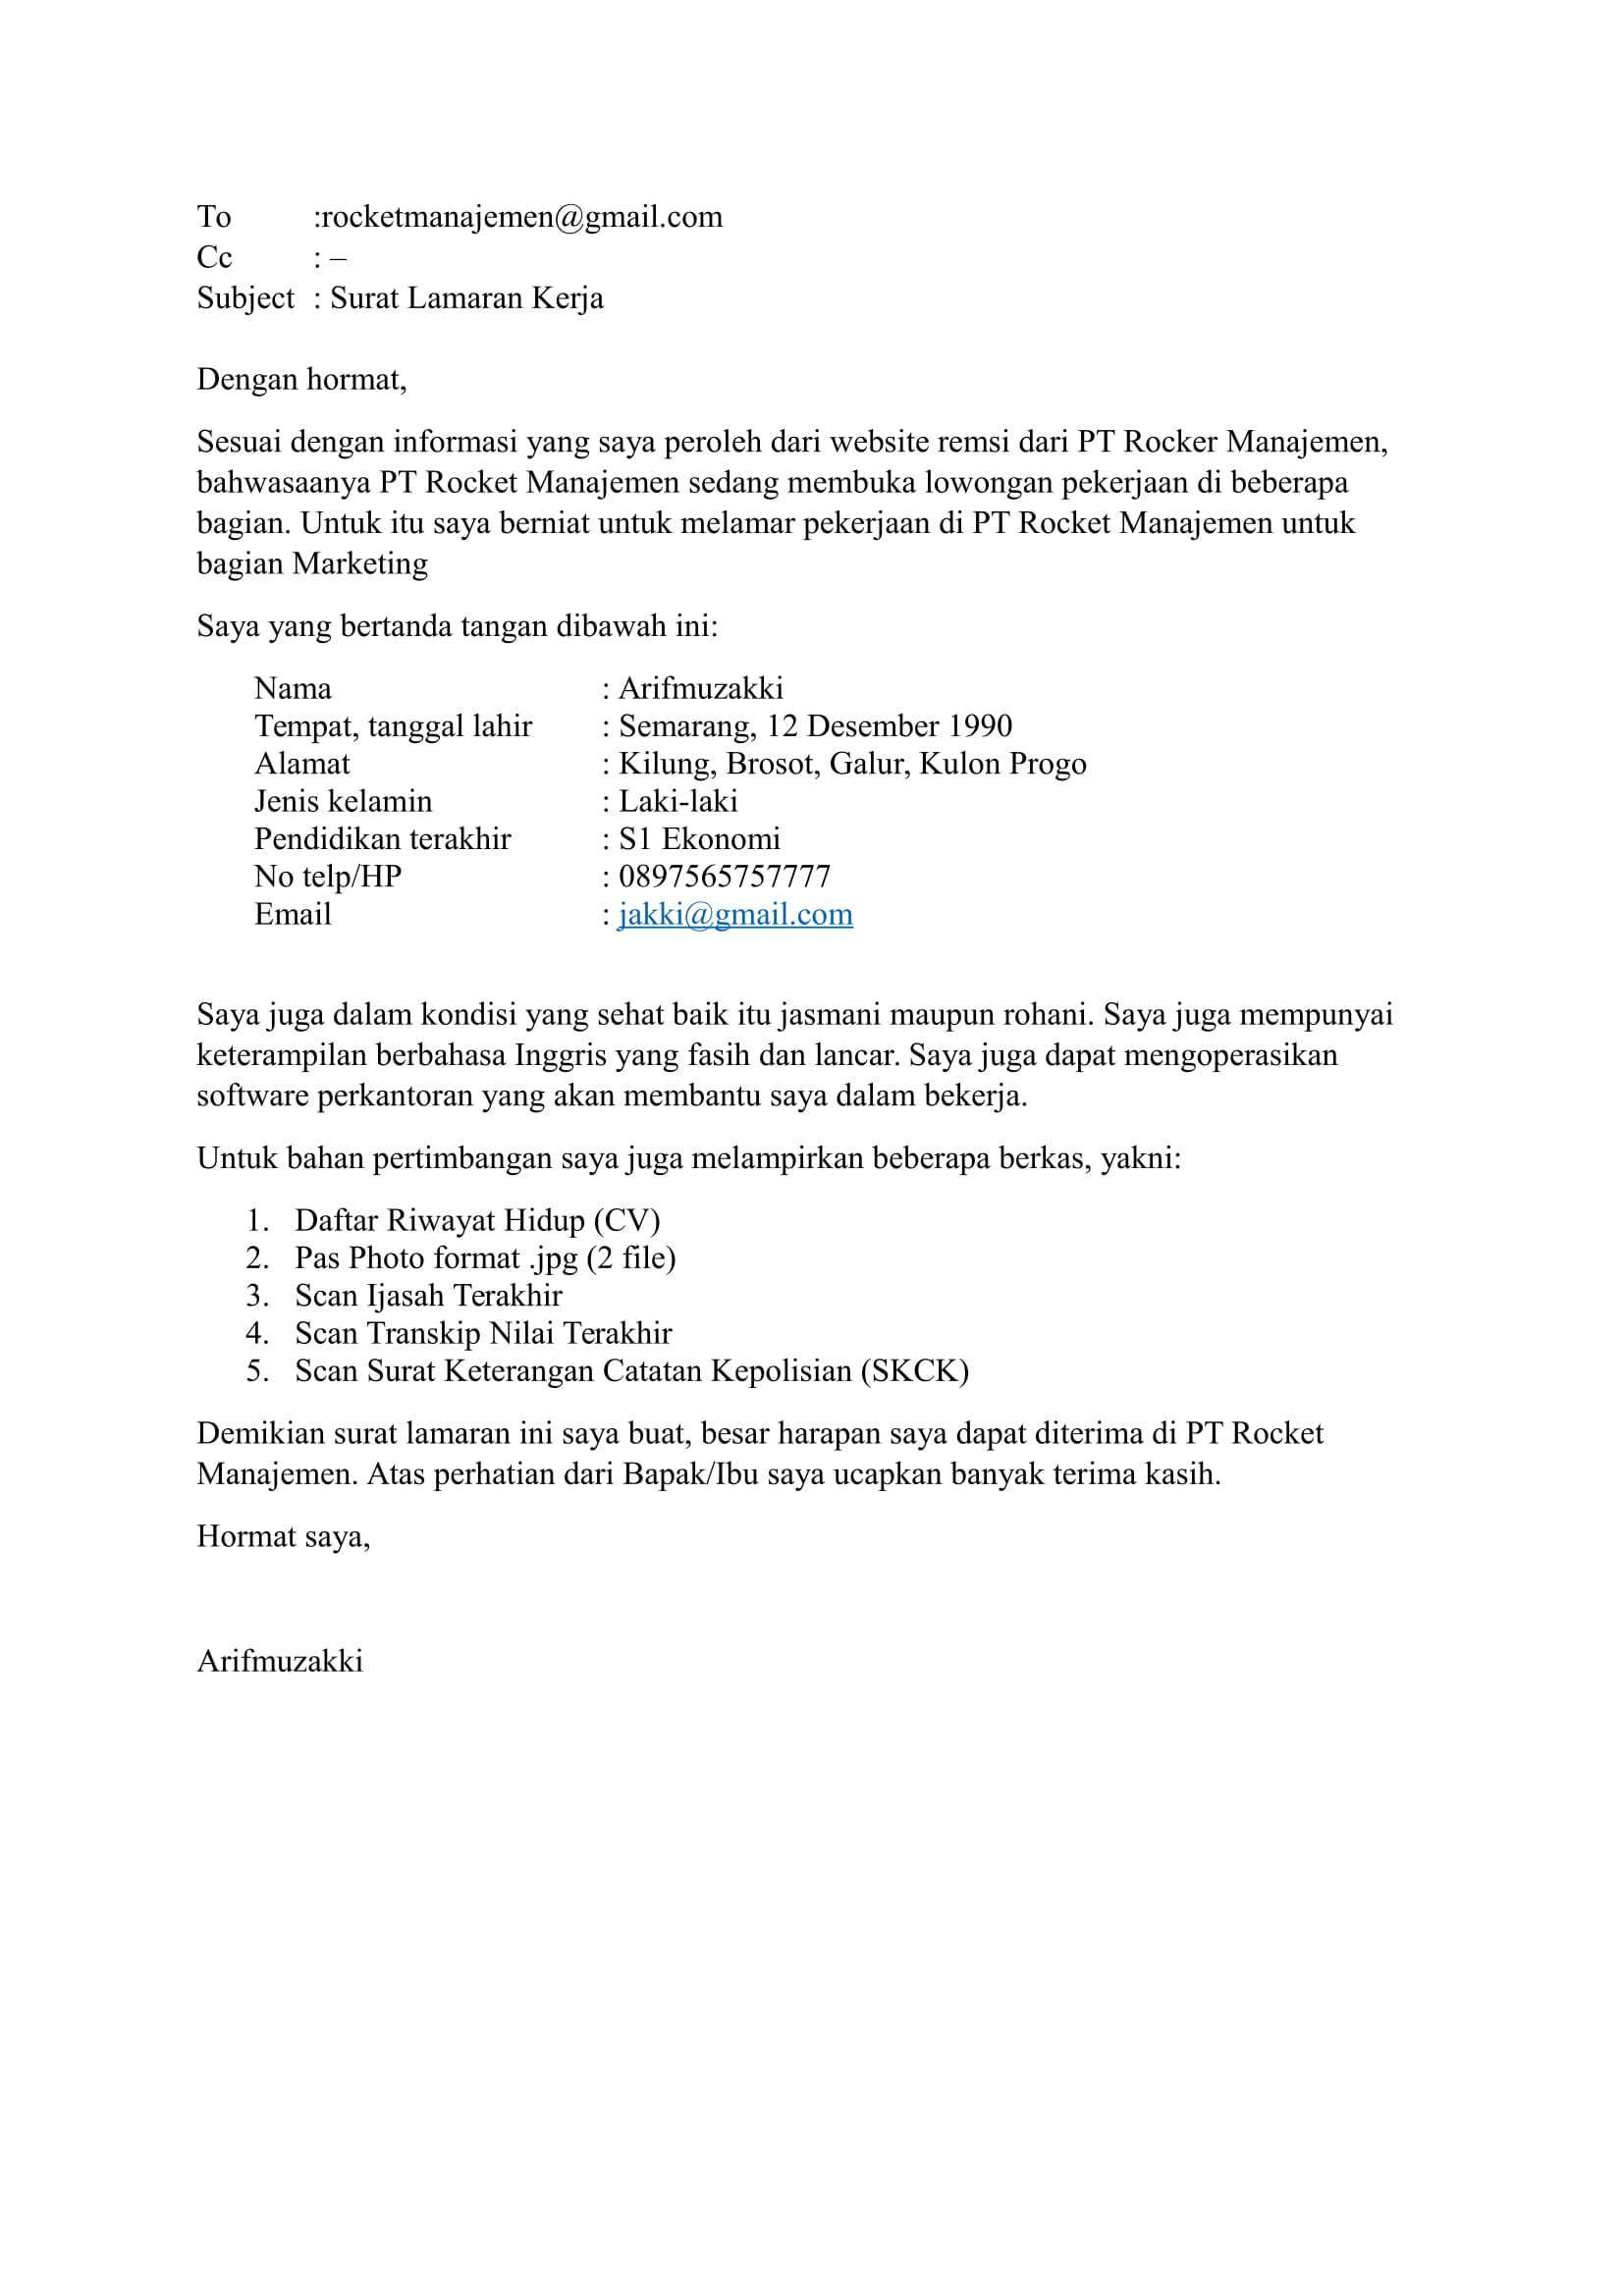 Contoh Surat Lamaran Kerja Customer Service Telkomsel Kumpulan Kerjaan Cute766